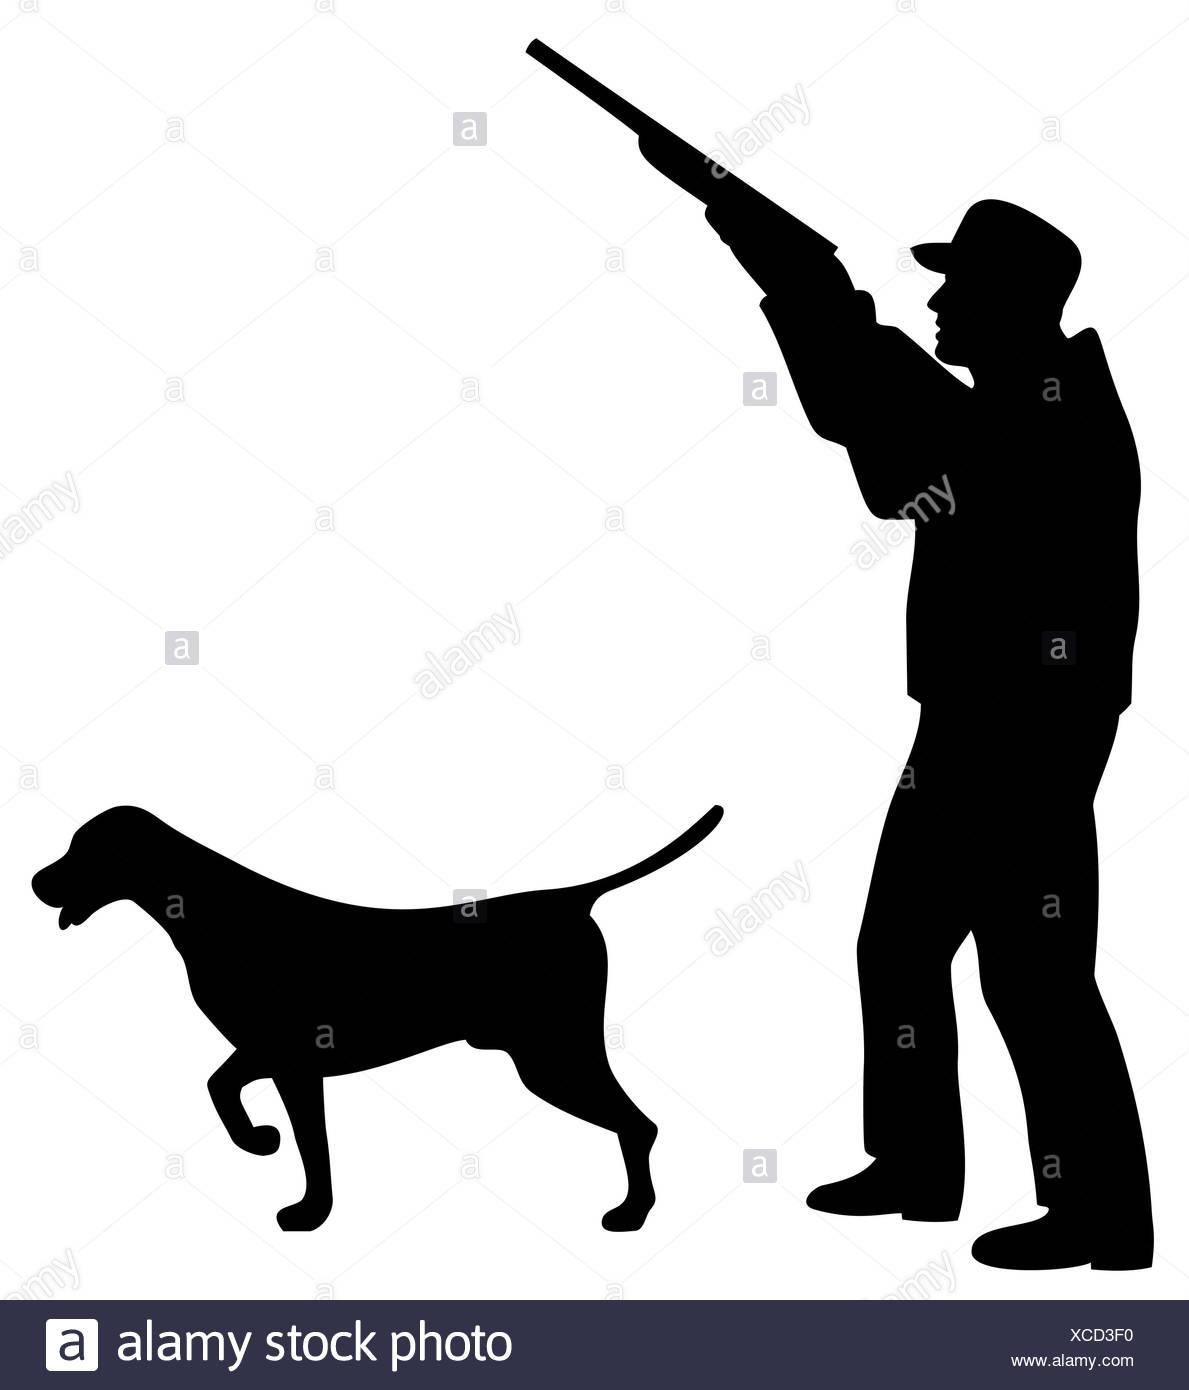 Картинки с охотником и собакой для рисунка шоколадом, красивые пожелания день